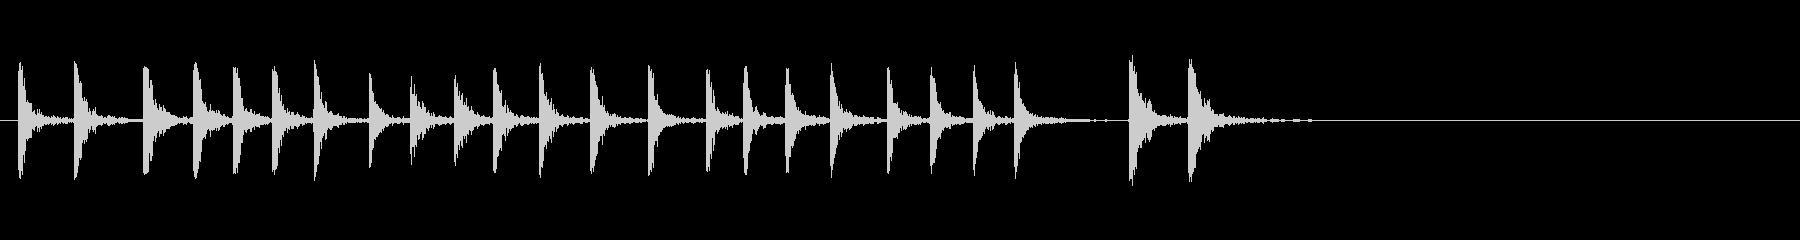 板金ハードへのハンマーの未再生の波形